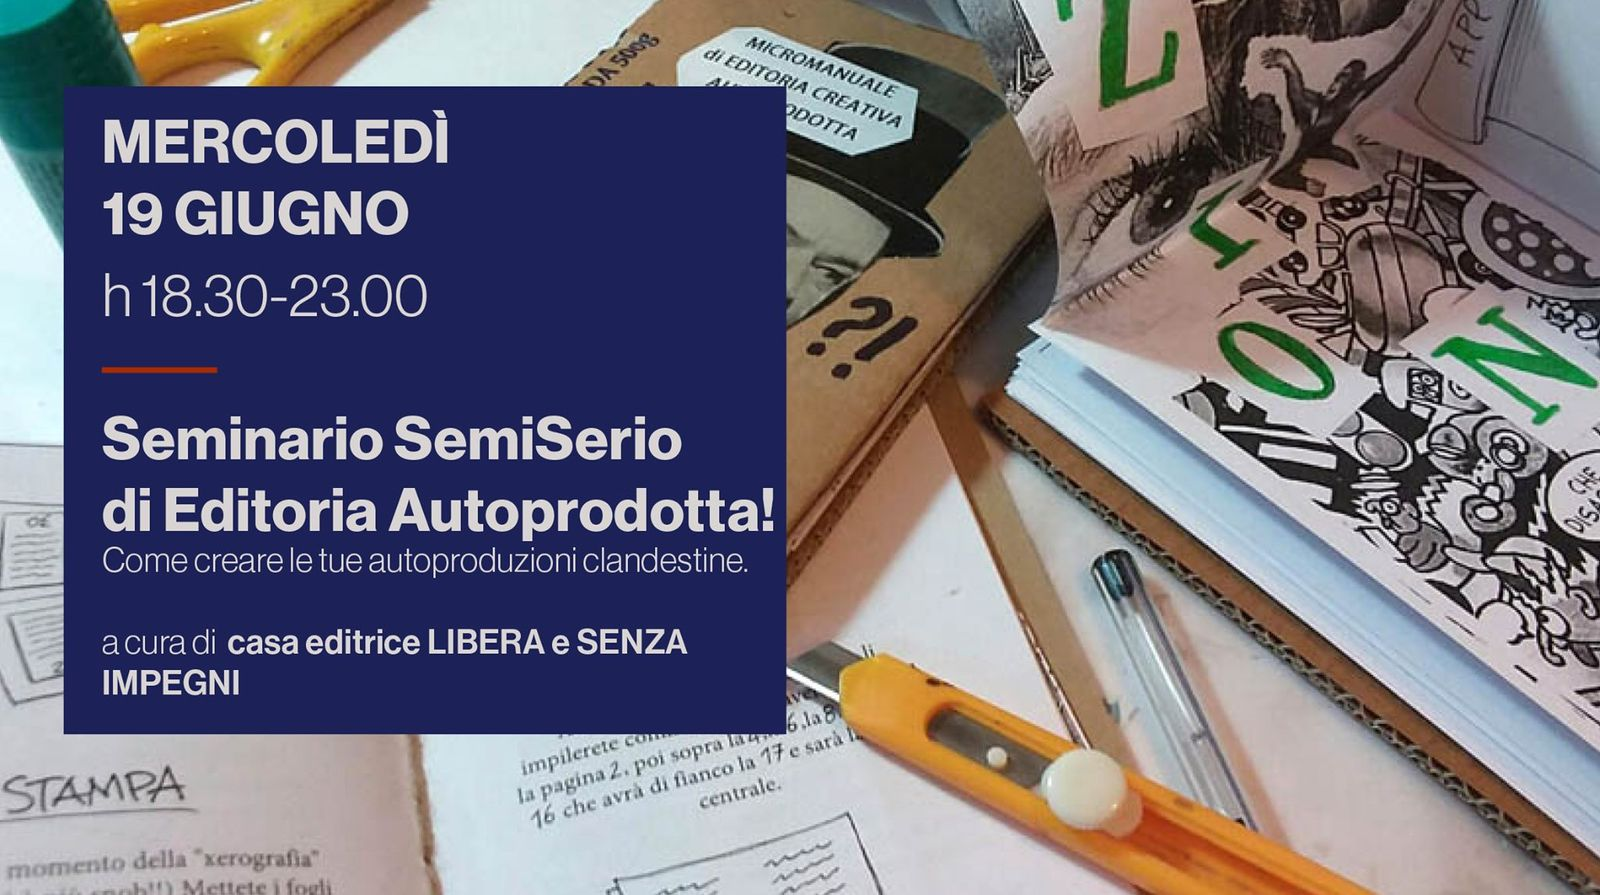 Seminario Semiserio di Editoria Autoprodotta!